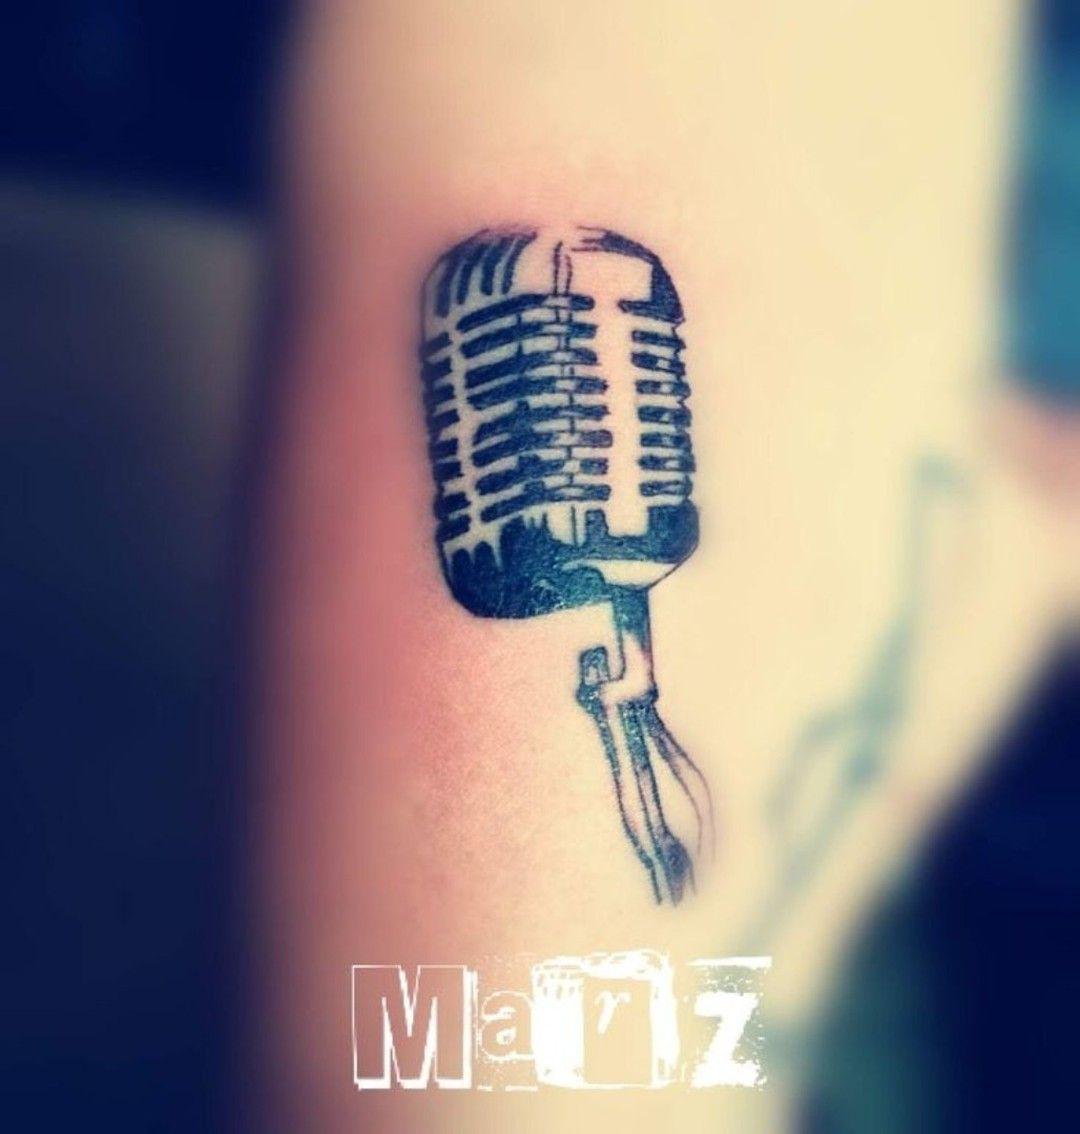 #inked #tattoo #tattooideas #musictattoo